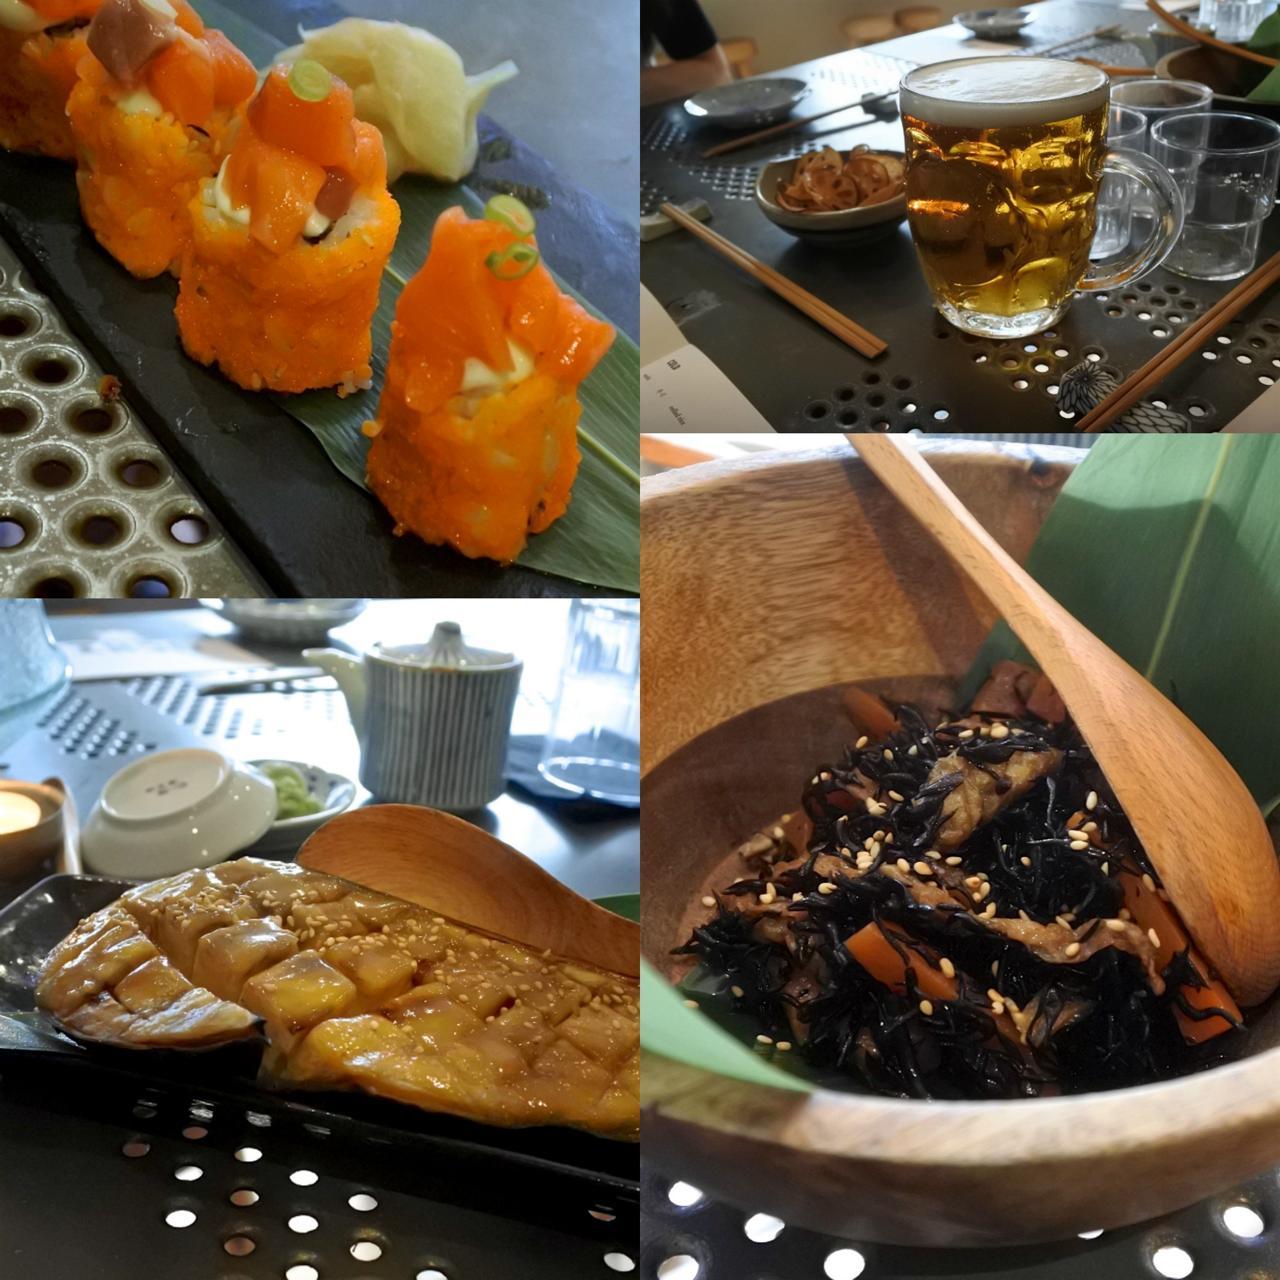 ここのヒジキは完璧!(右下)お寿司も茄子もぺろり。